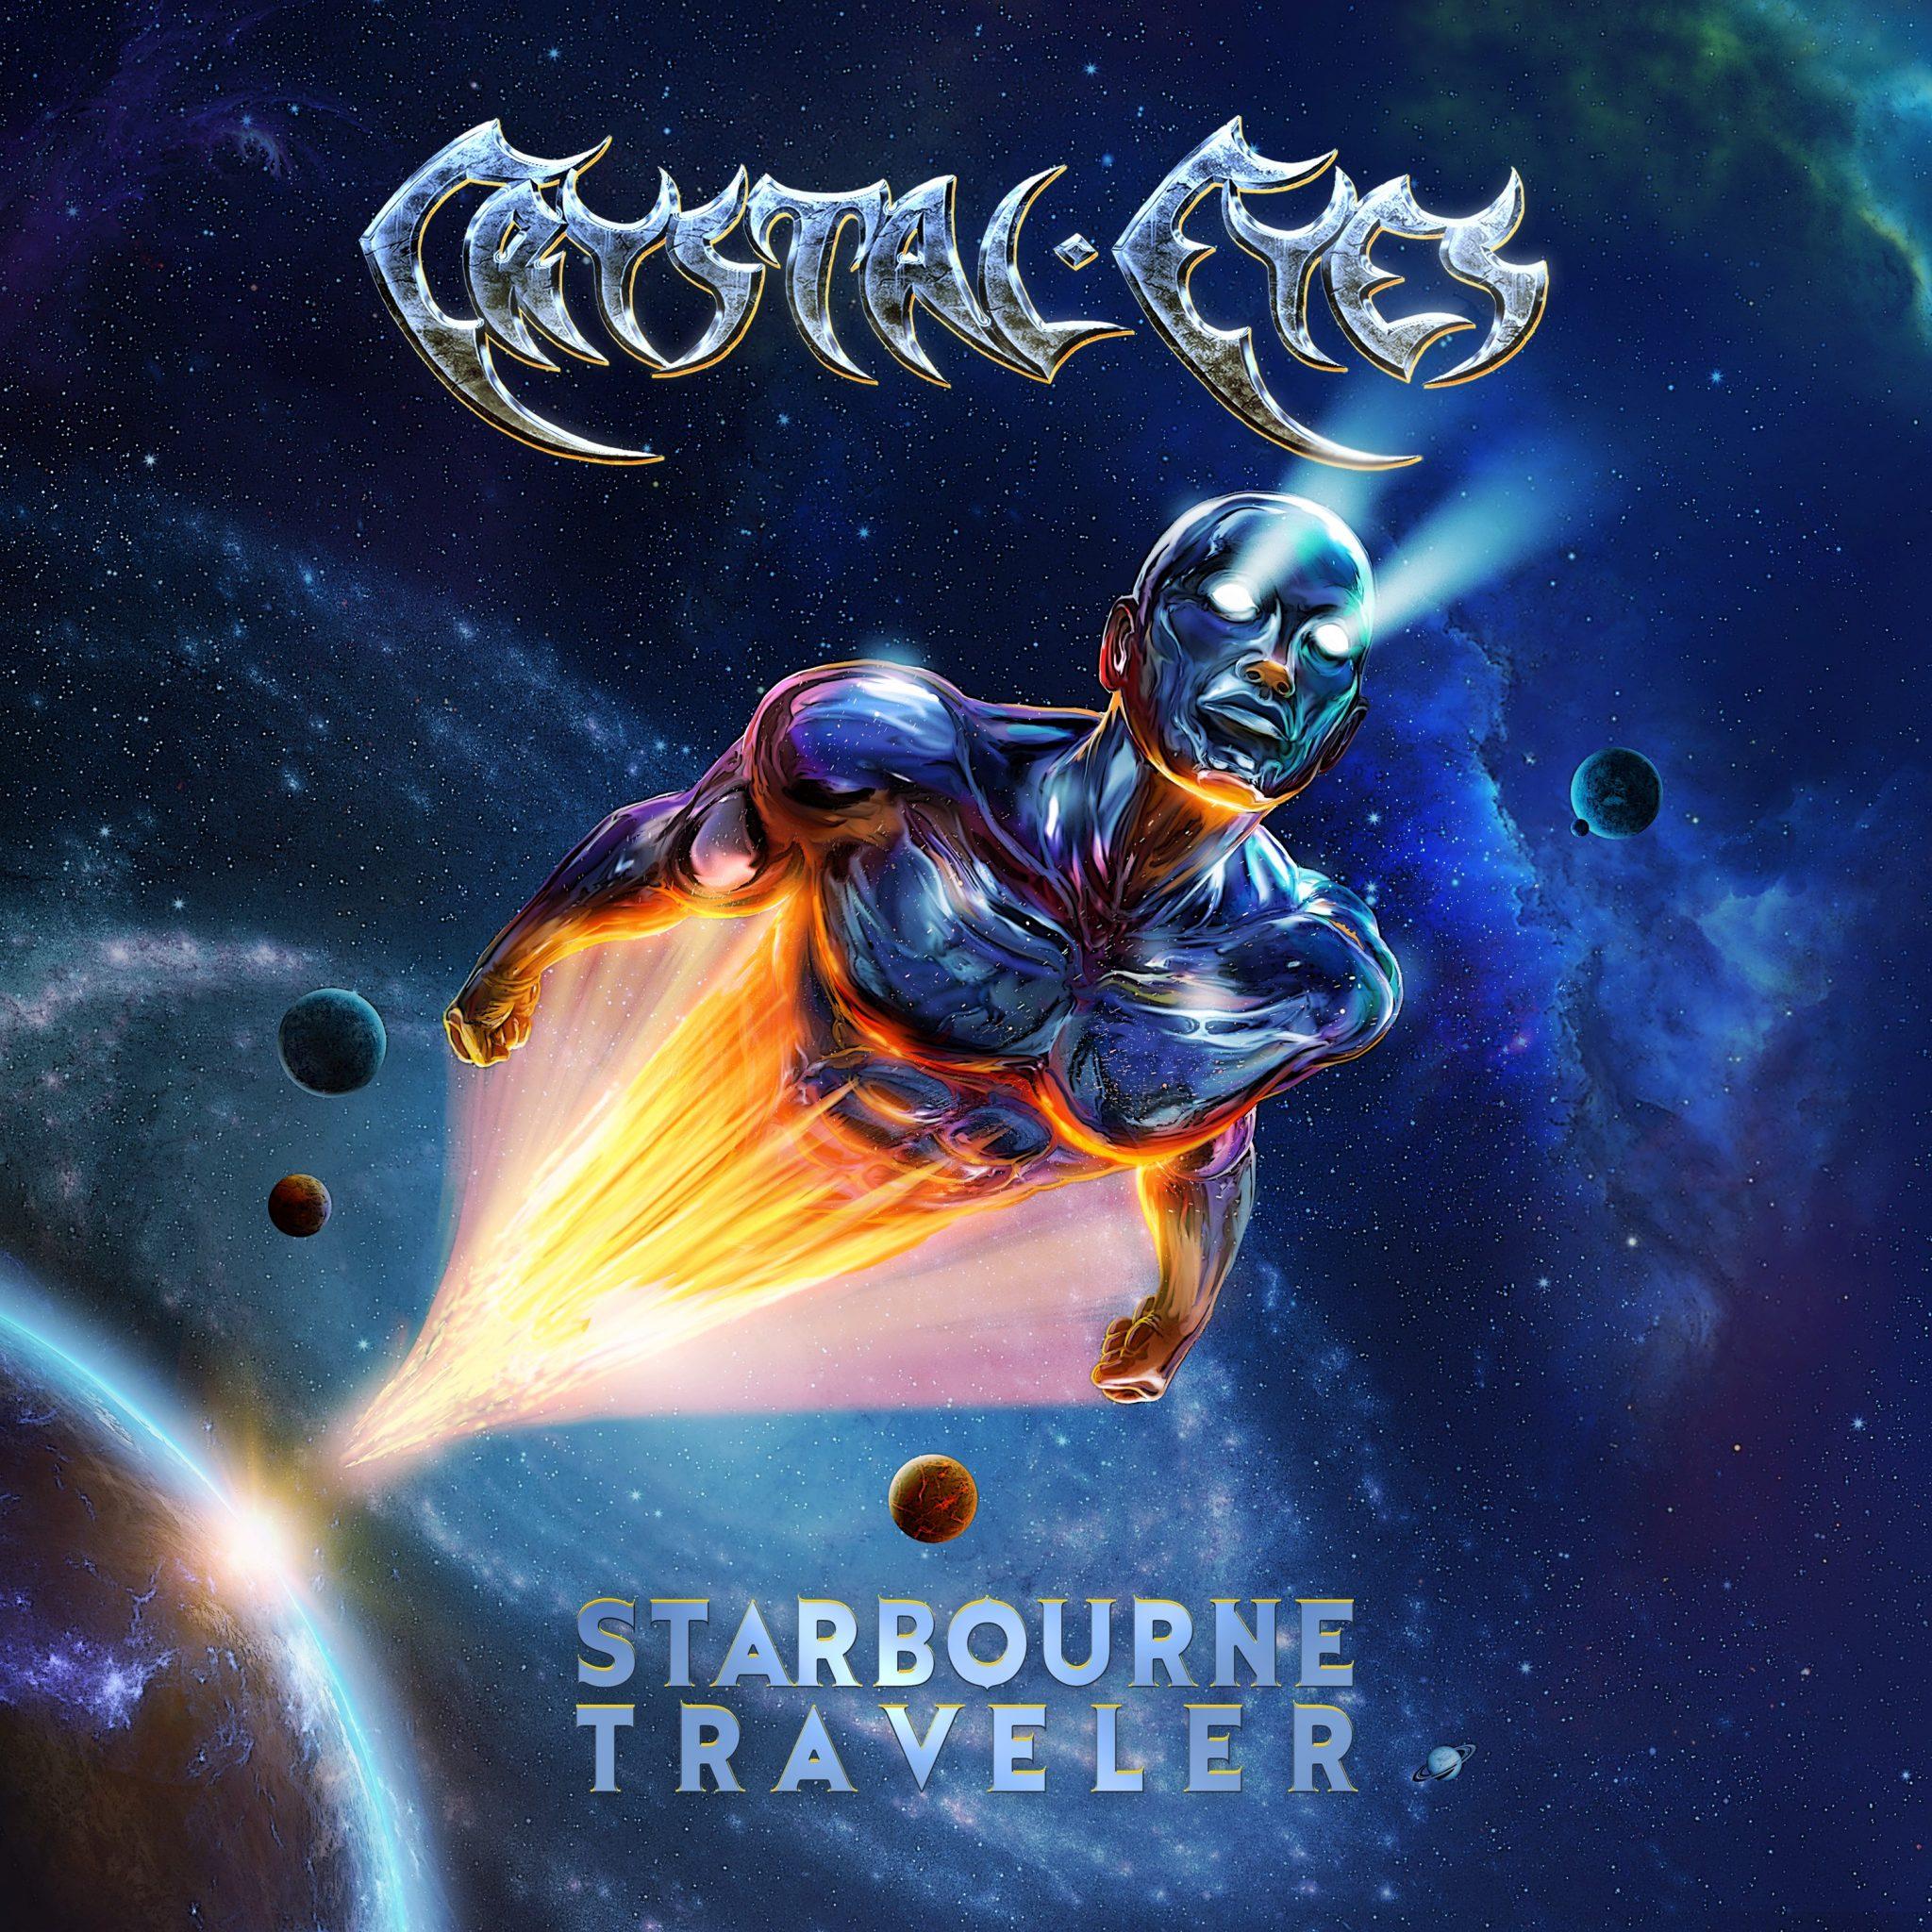 CRYSTAL - EYES - Starbourne Traveler album cover